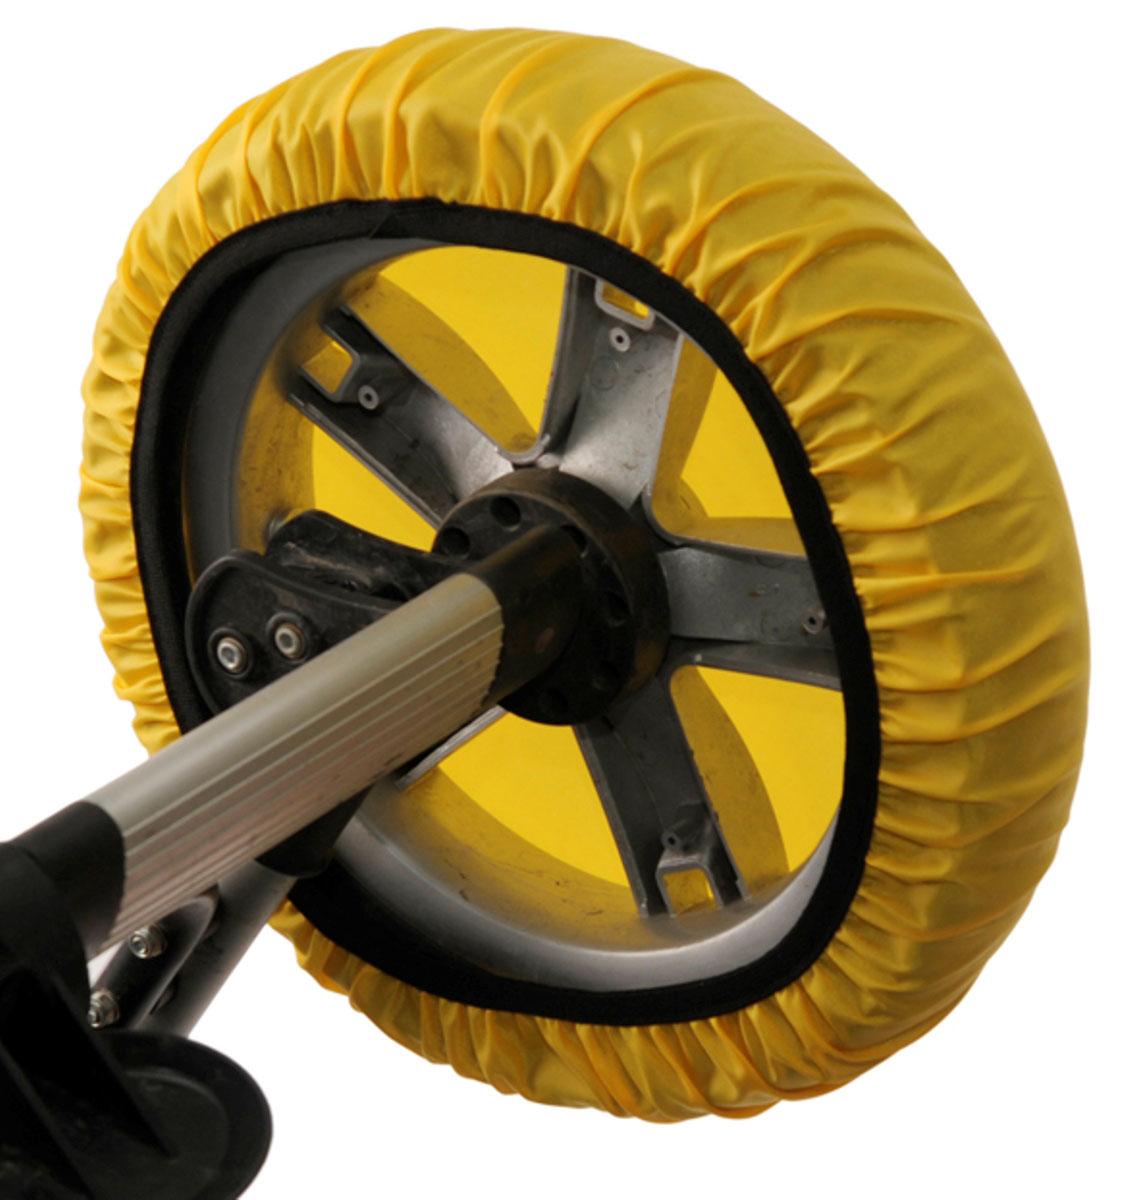 Чудо-Чадо Чехлы на колеса для коляски диаметр 28-38 см цвет желтый 4 шт чехлы для рапир москва